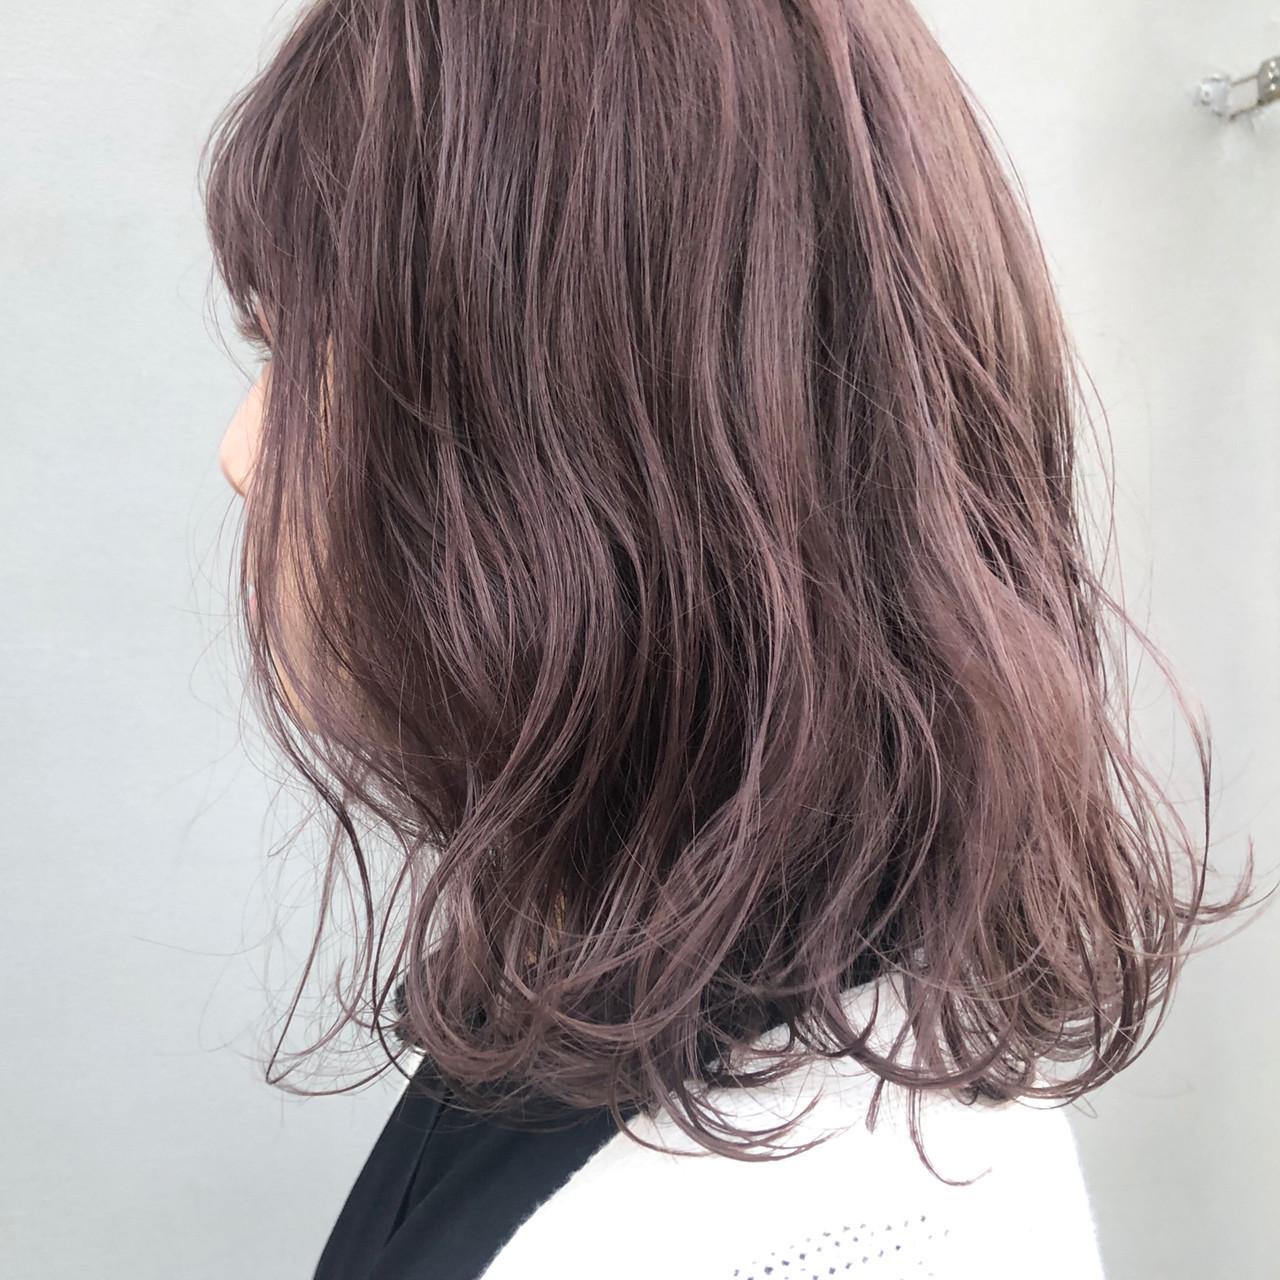 《2019年秋ヘアカラー》この季節のトレンドの髪色を徹底解説♡の7枚目の画像